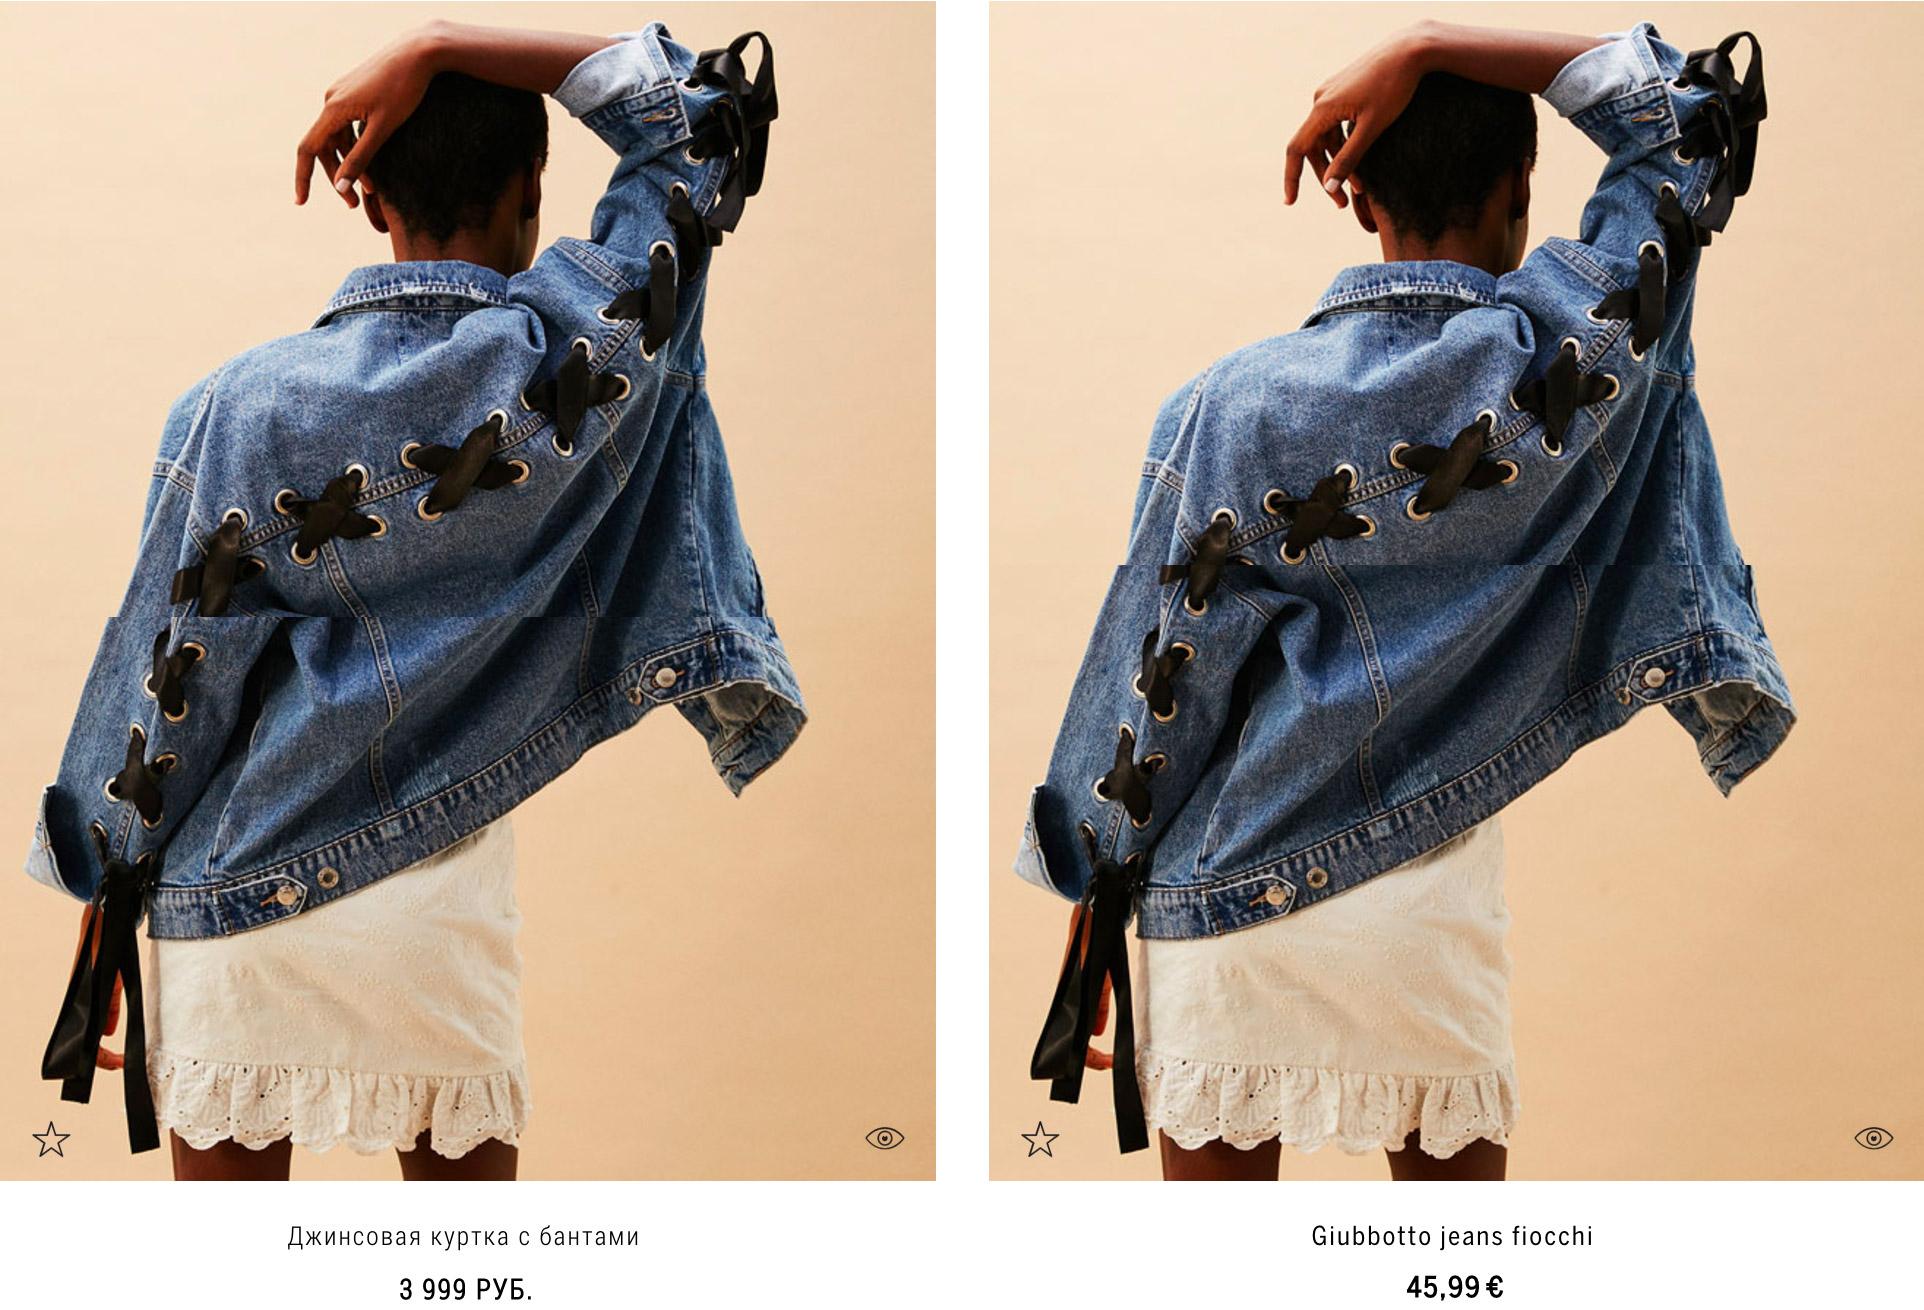 Одна и та же куртка на российском сайте «Бершки» стоит на 1100 р. дороже, чем на итальянском (45,99€ = 2800 р.)